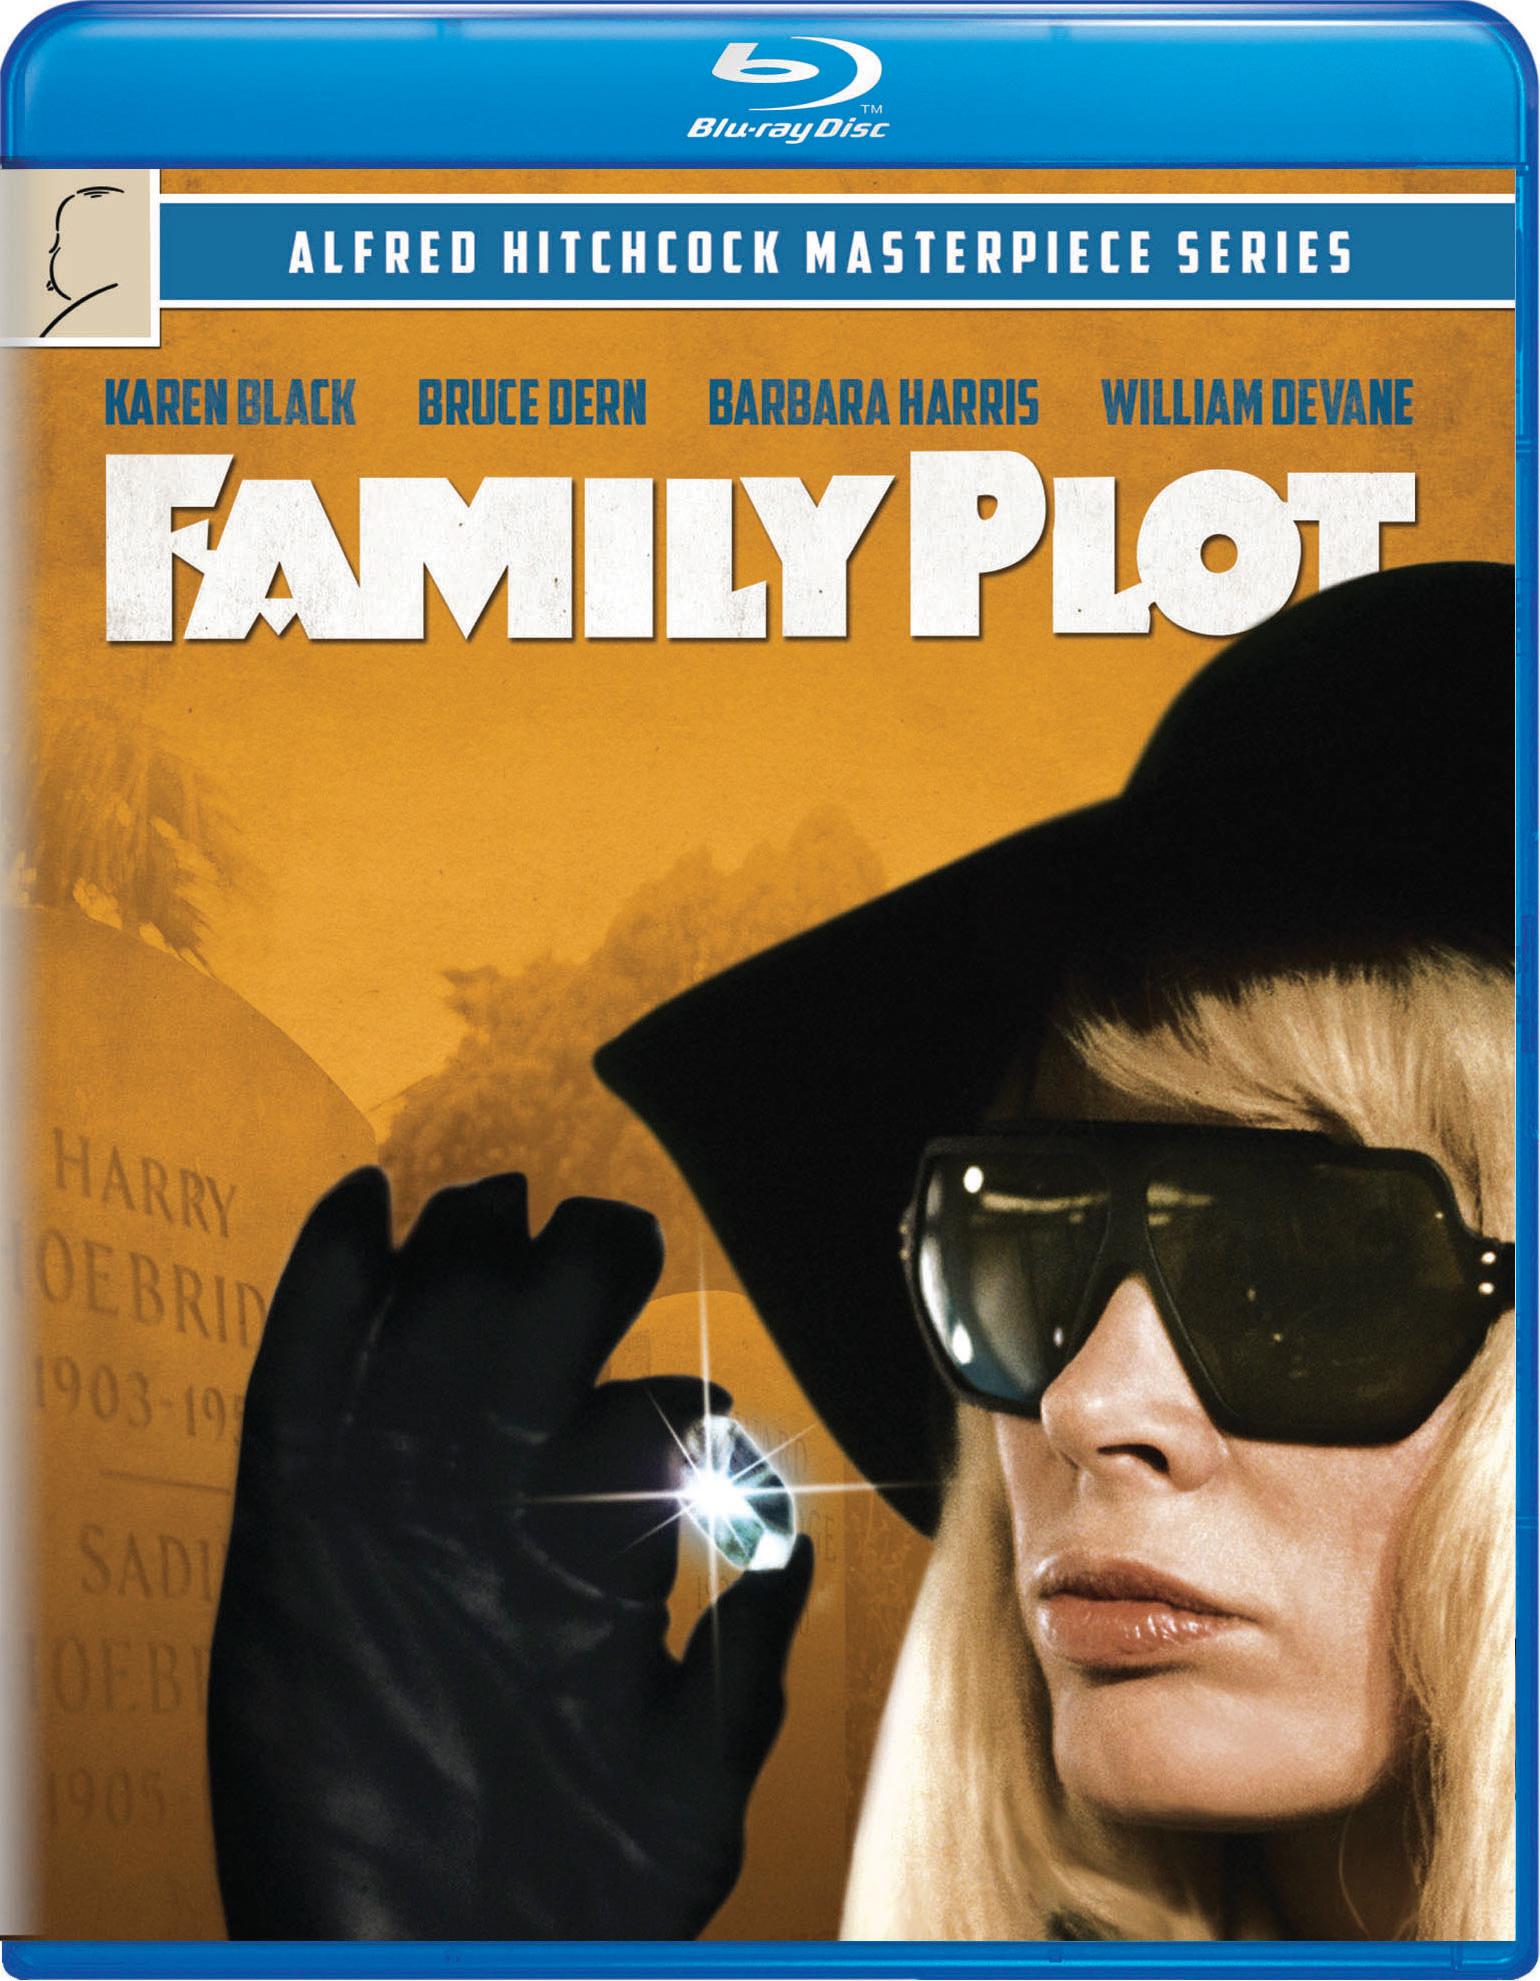 Family Plot [Blu-ray]